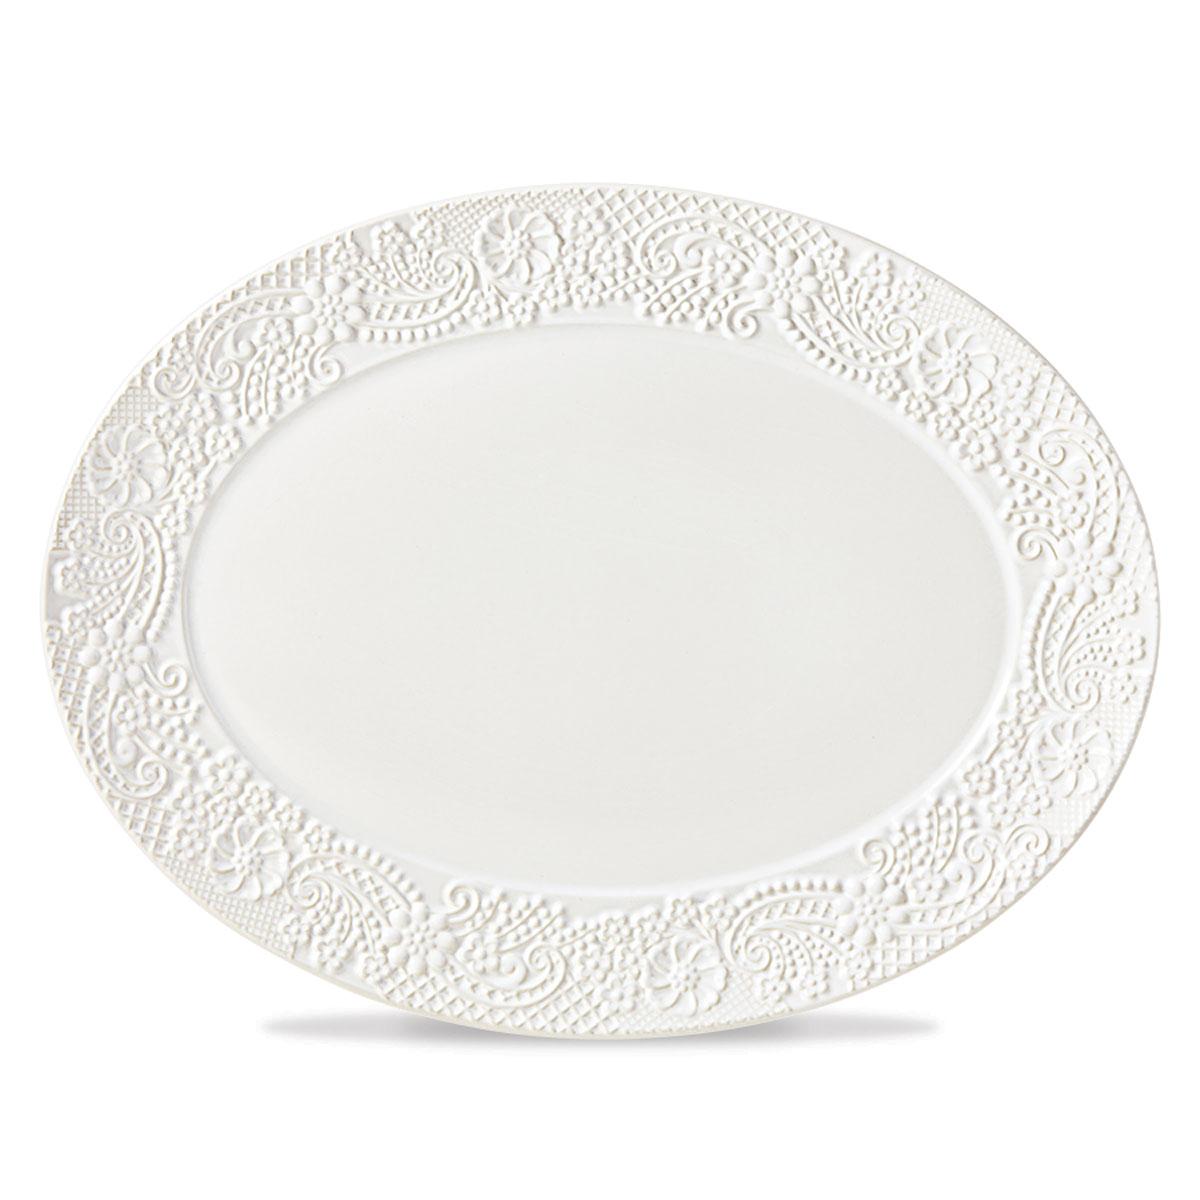 Lenox Chelse Muse Dinnerware Rct White Platter